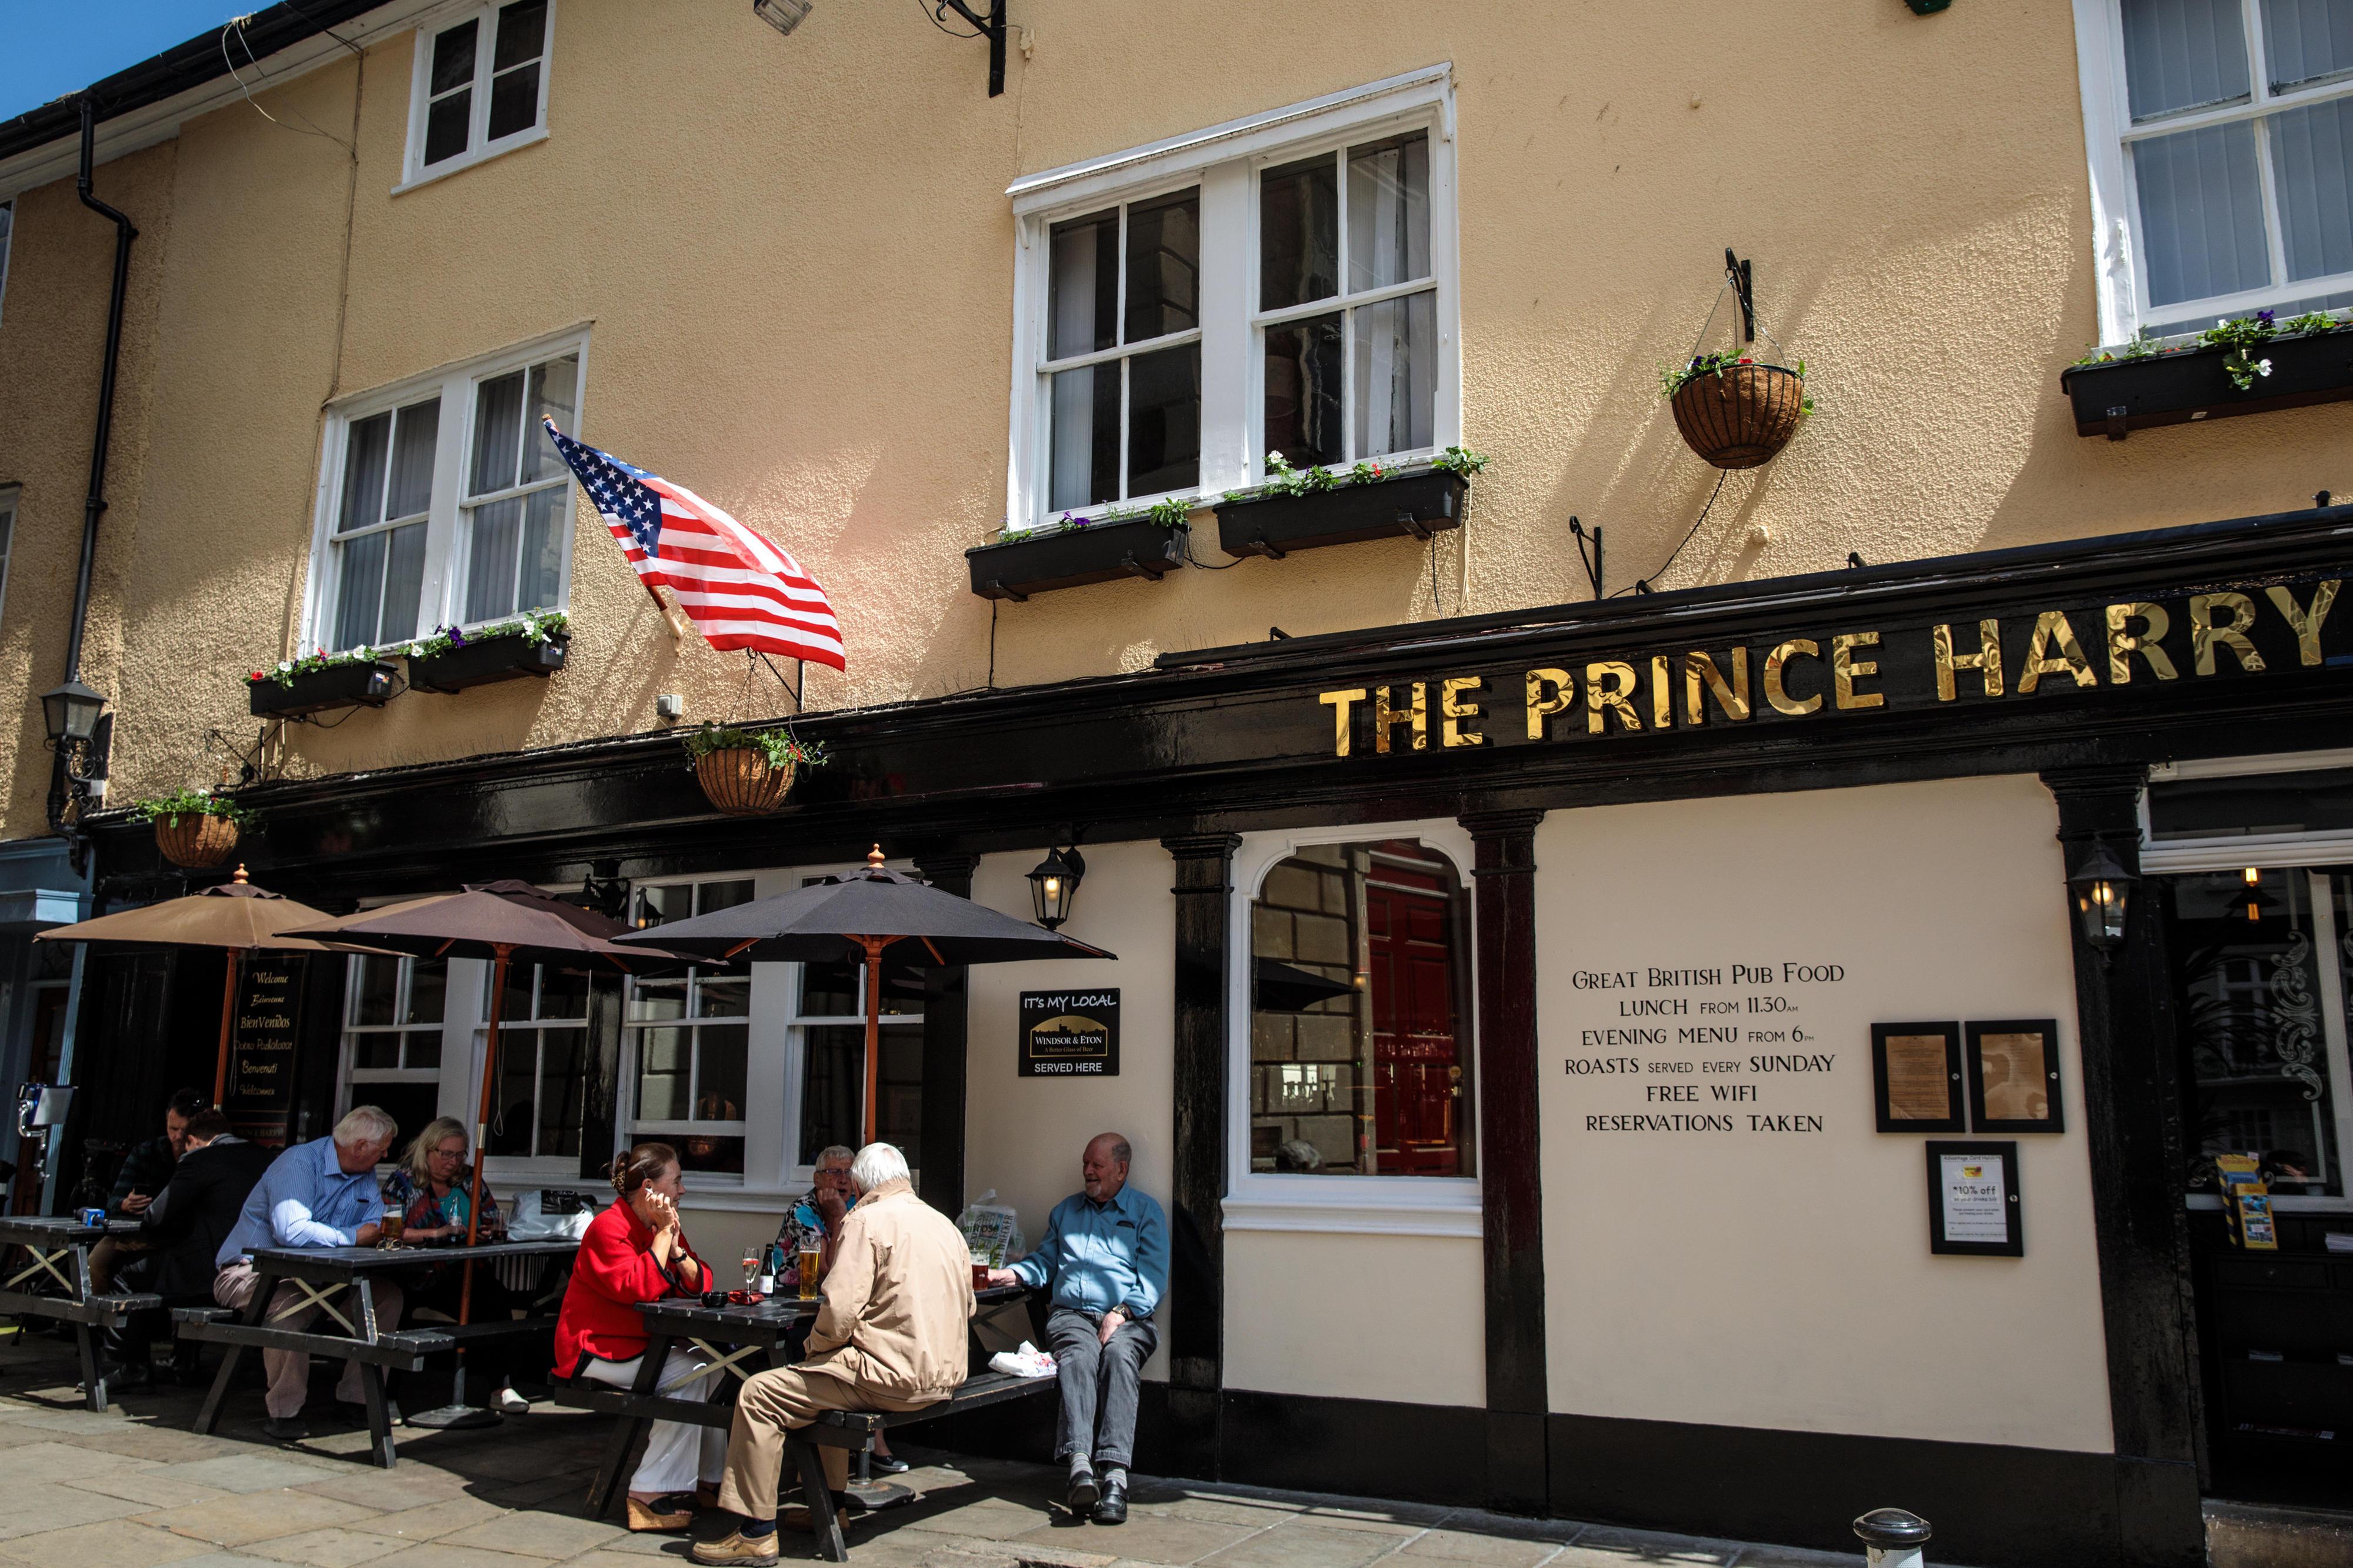 """Sollte Prinz Harry Lust auf ein Bier bekommen, kann er in dem nach ihm benannten Pub """"Prince Harry"""" in Windsor einkehren"""